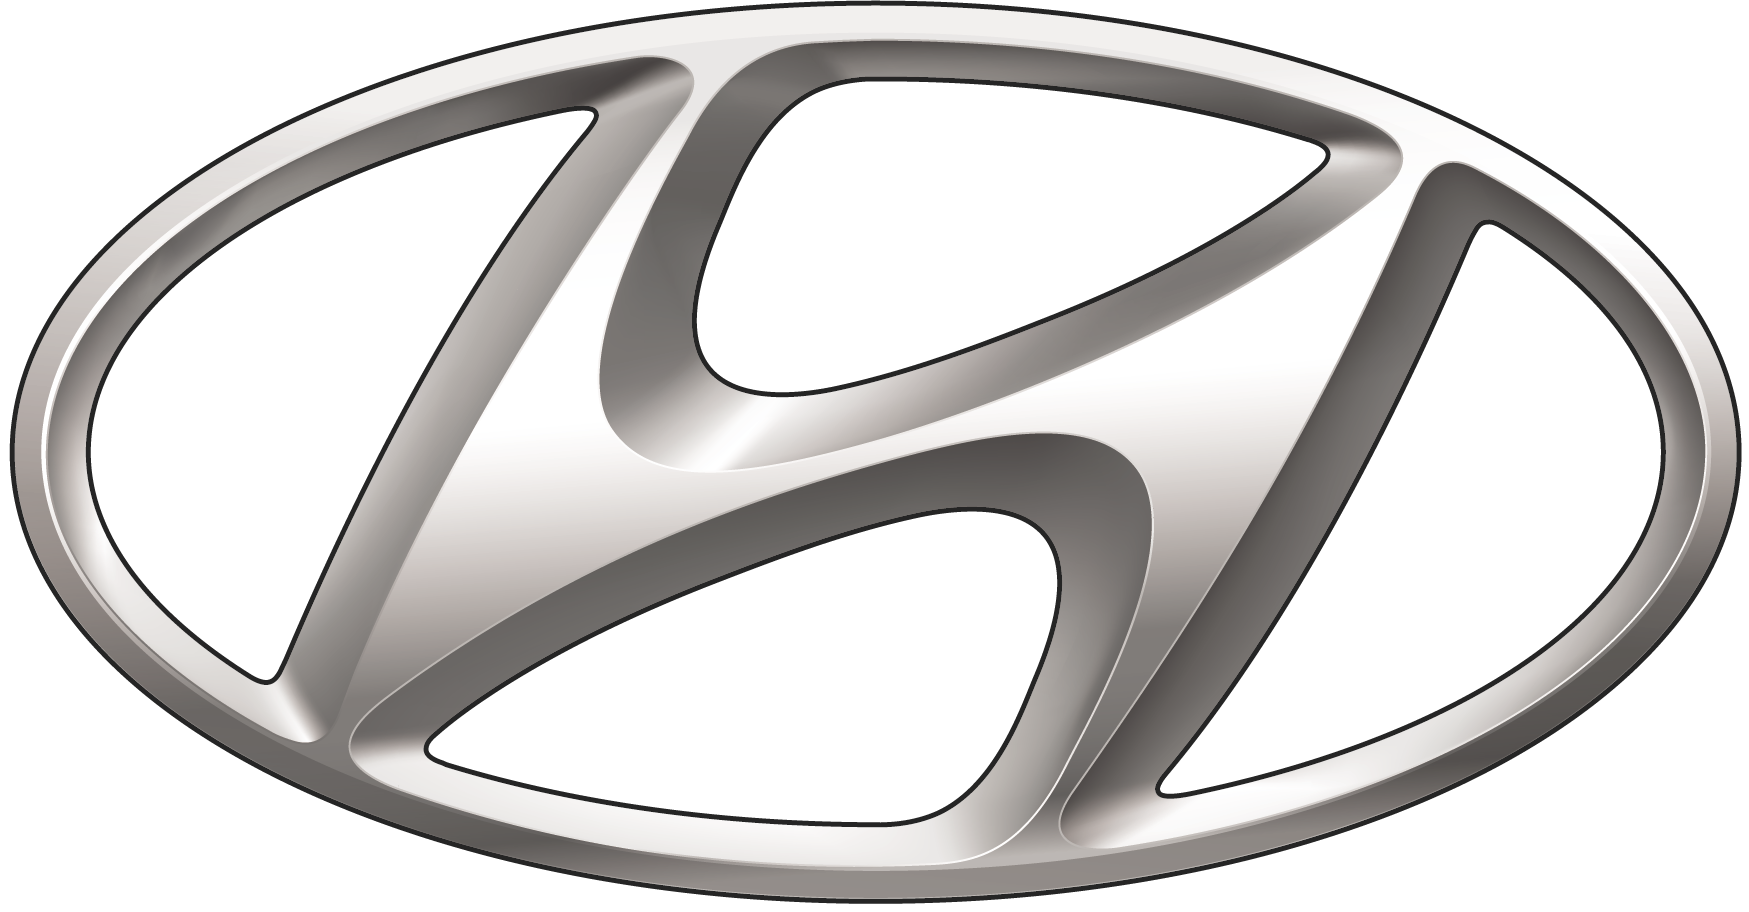 Логотипы автомобилей PNG фото скачать